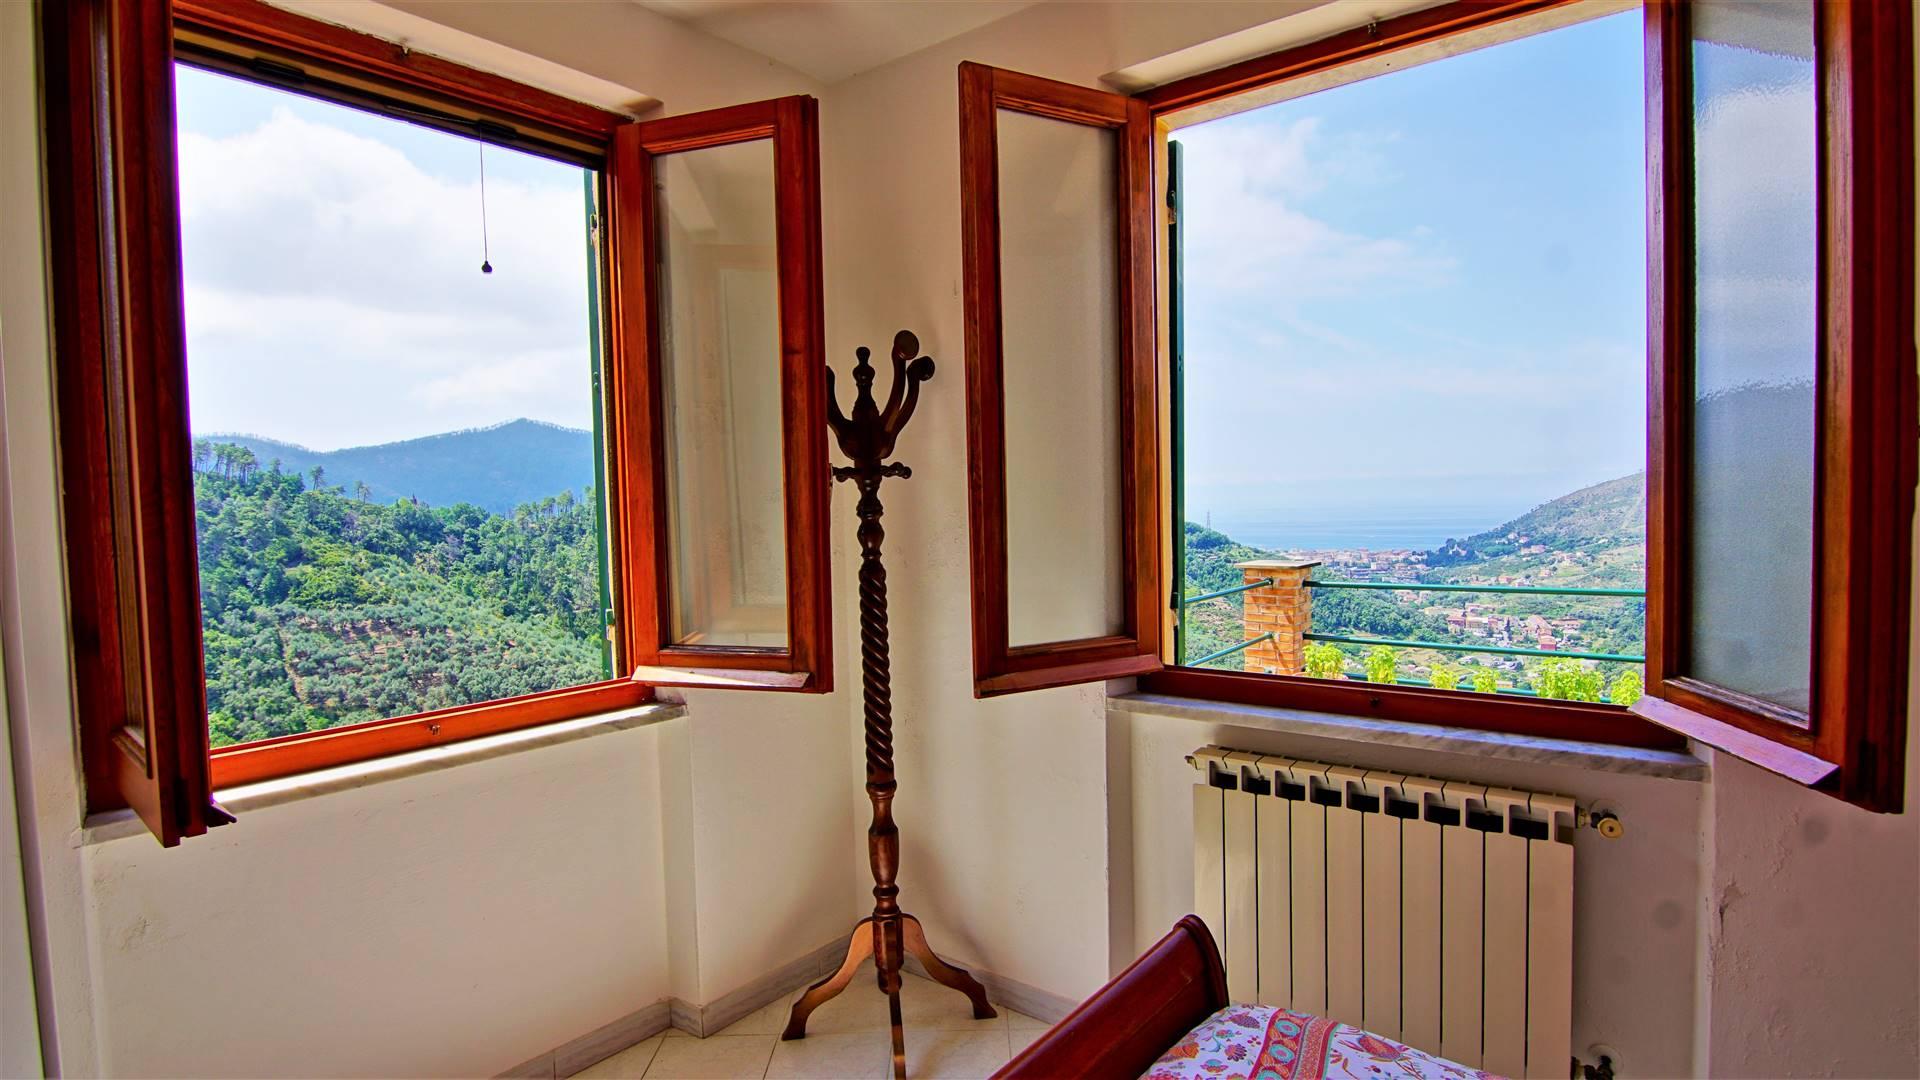 Appartamento in vendita a Levanto, 4 locali, prezzo € 180.000 | CambioCasa.it